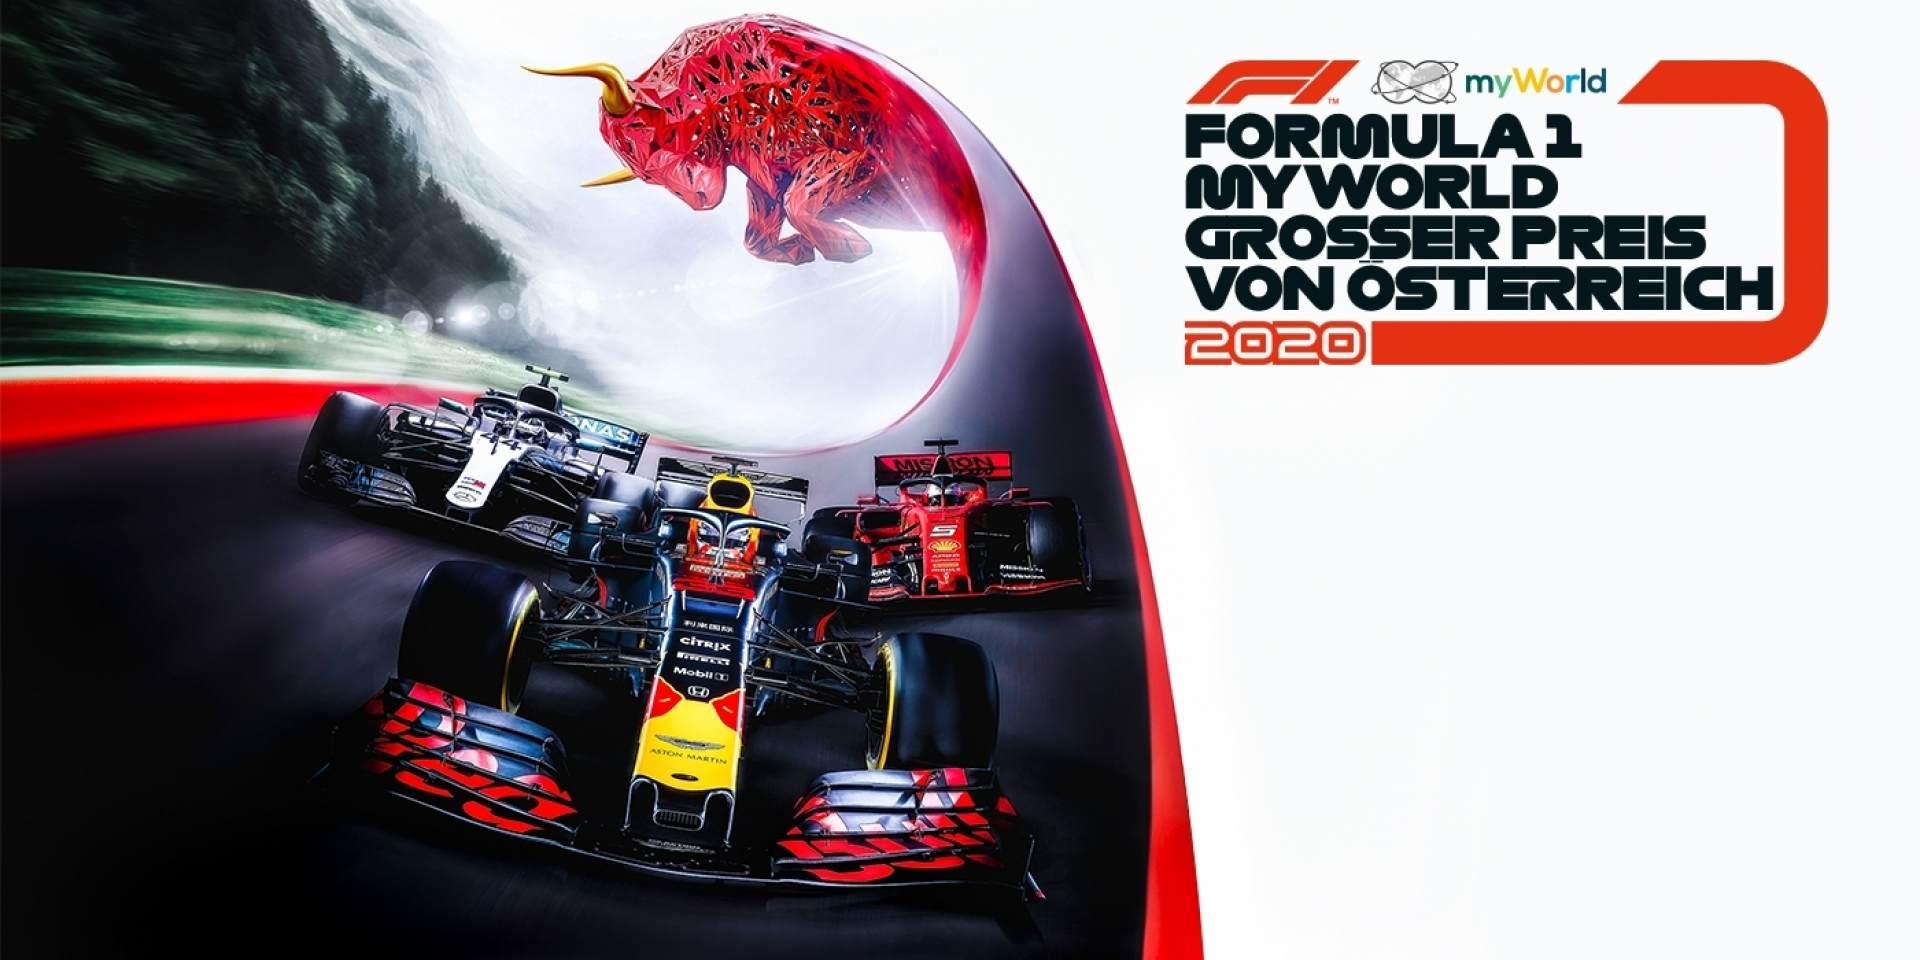 Формула 1, конкурс прогнозів